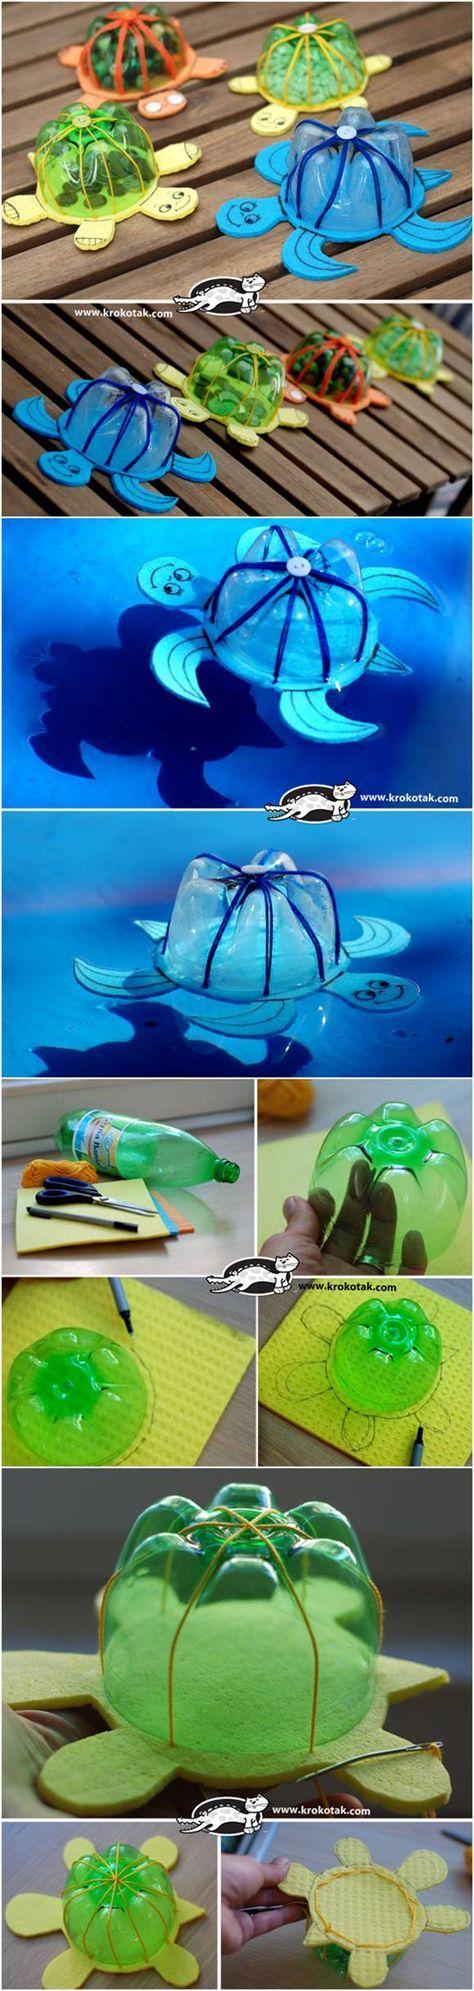 Projeto animais - Tartaruga com material reciclado